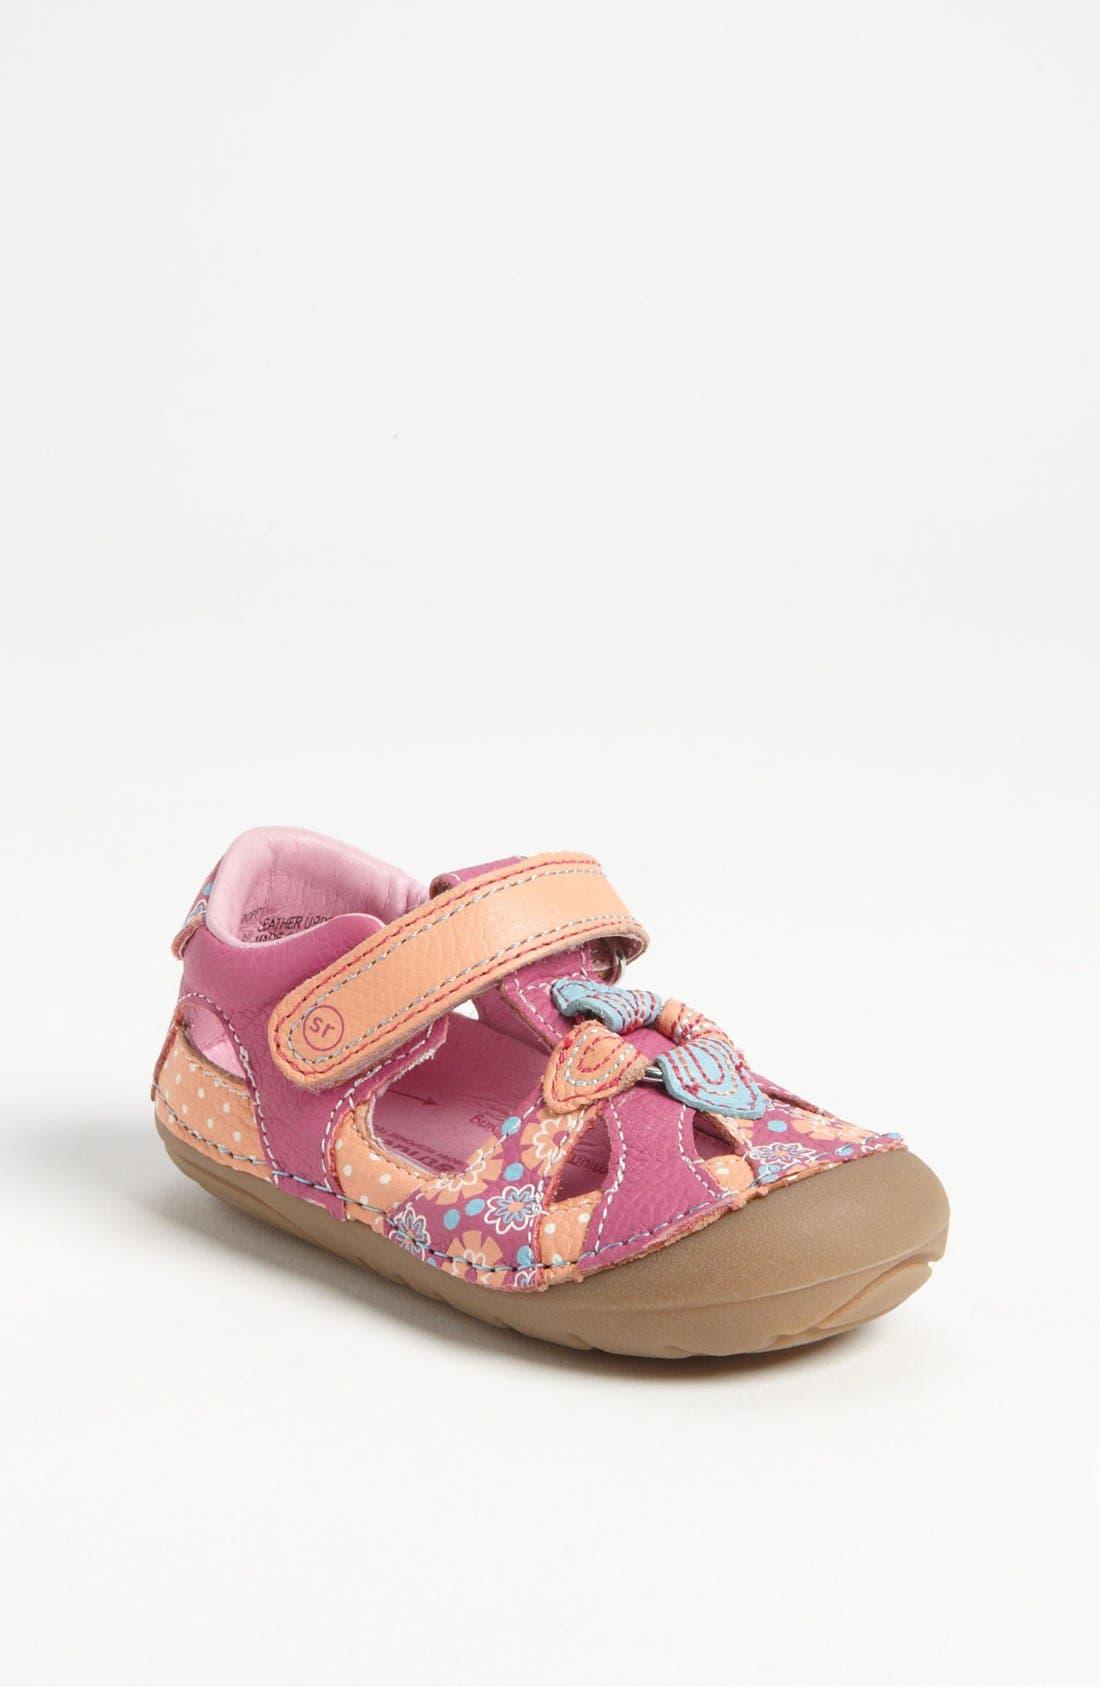 Main Image - Stride Rite 'Poppy' Sandal (Baby & Walker)